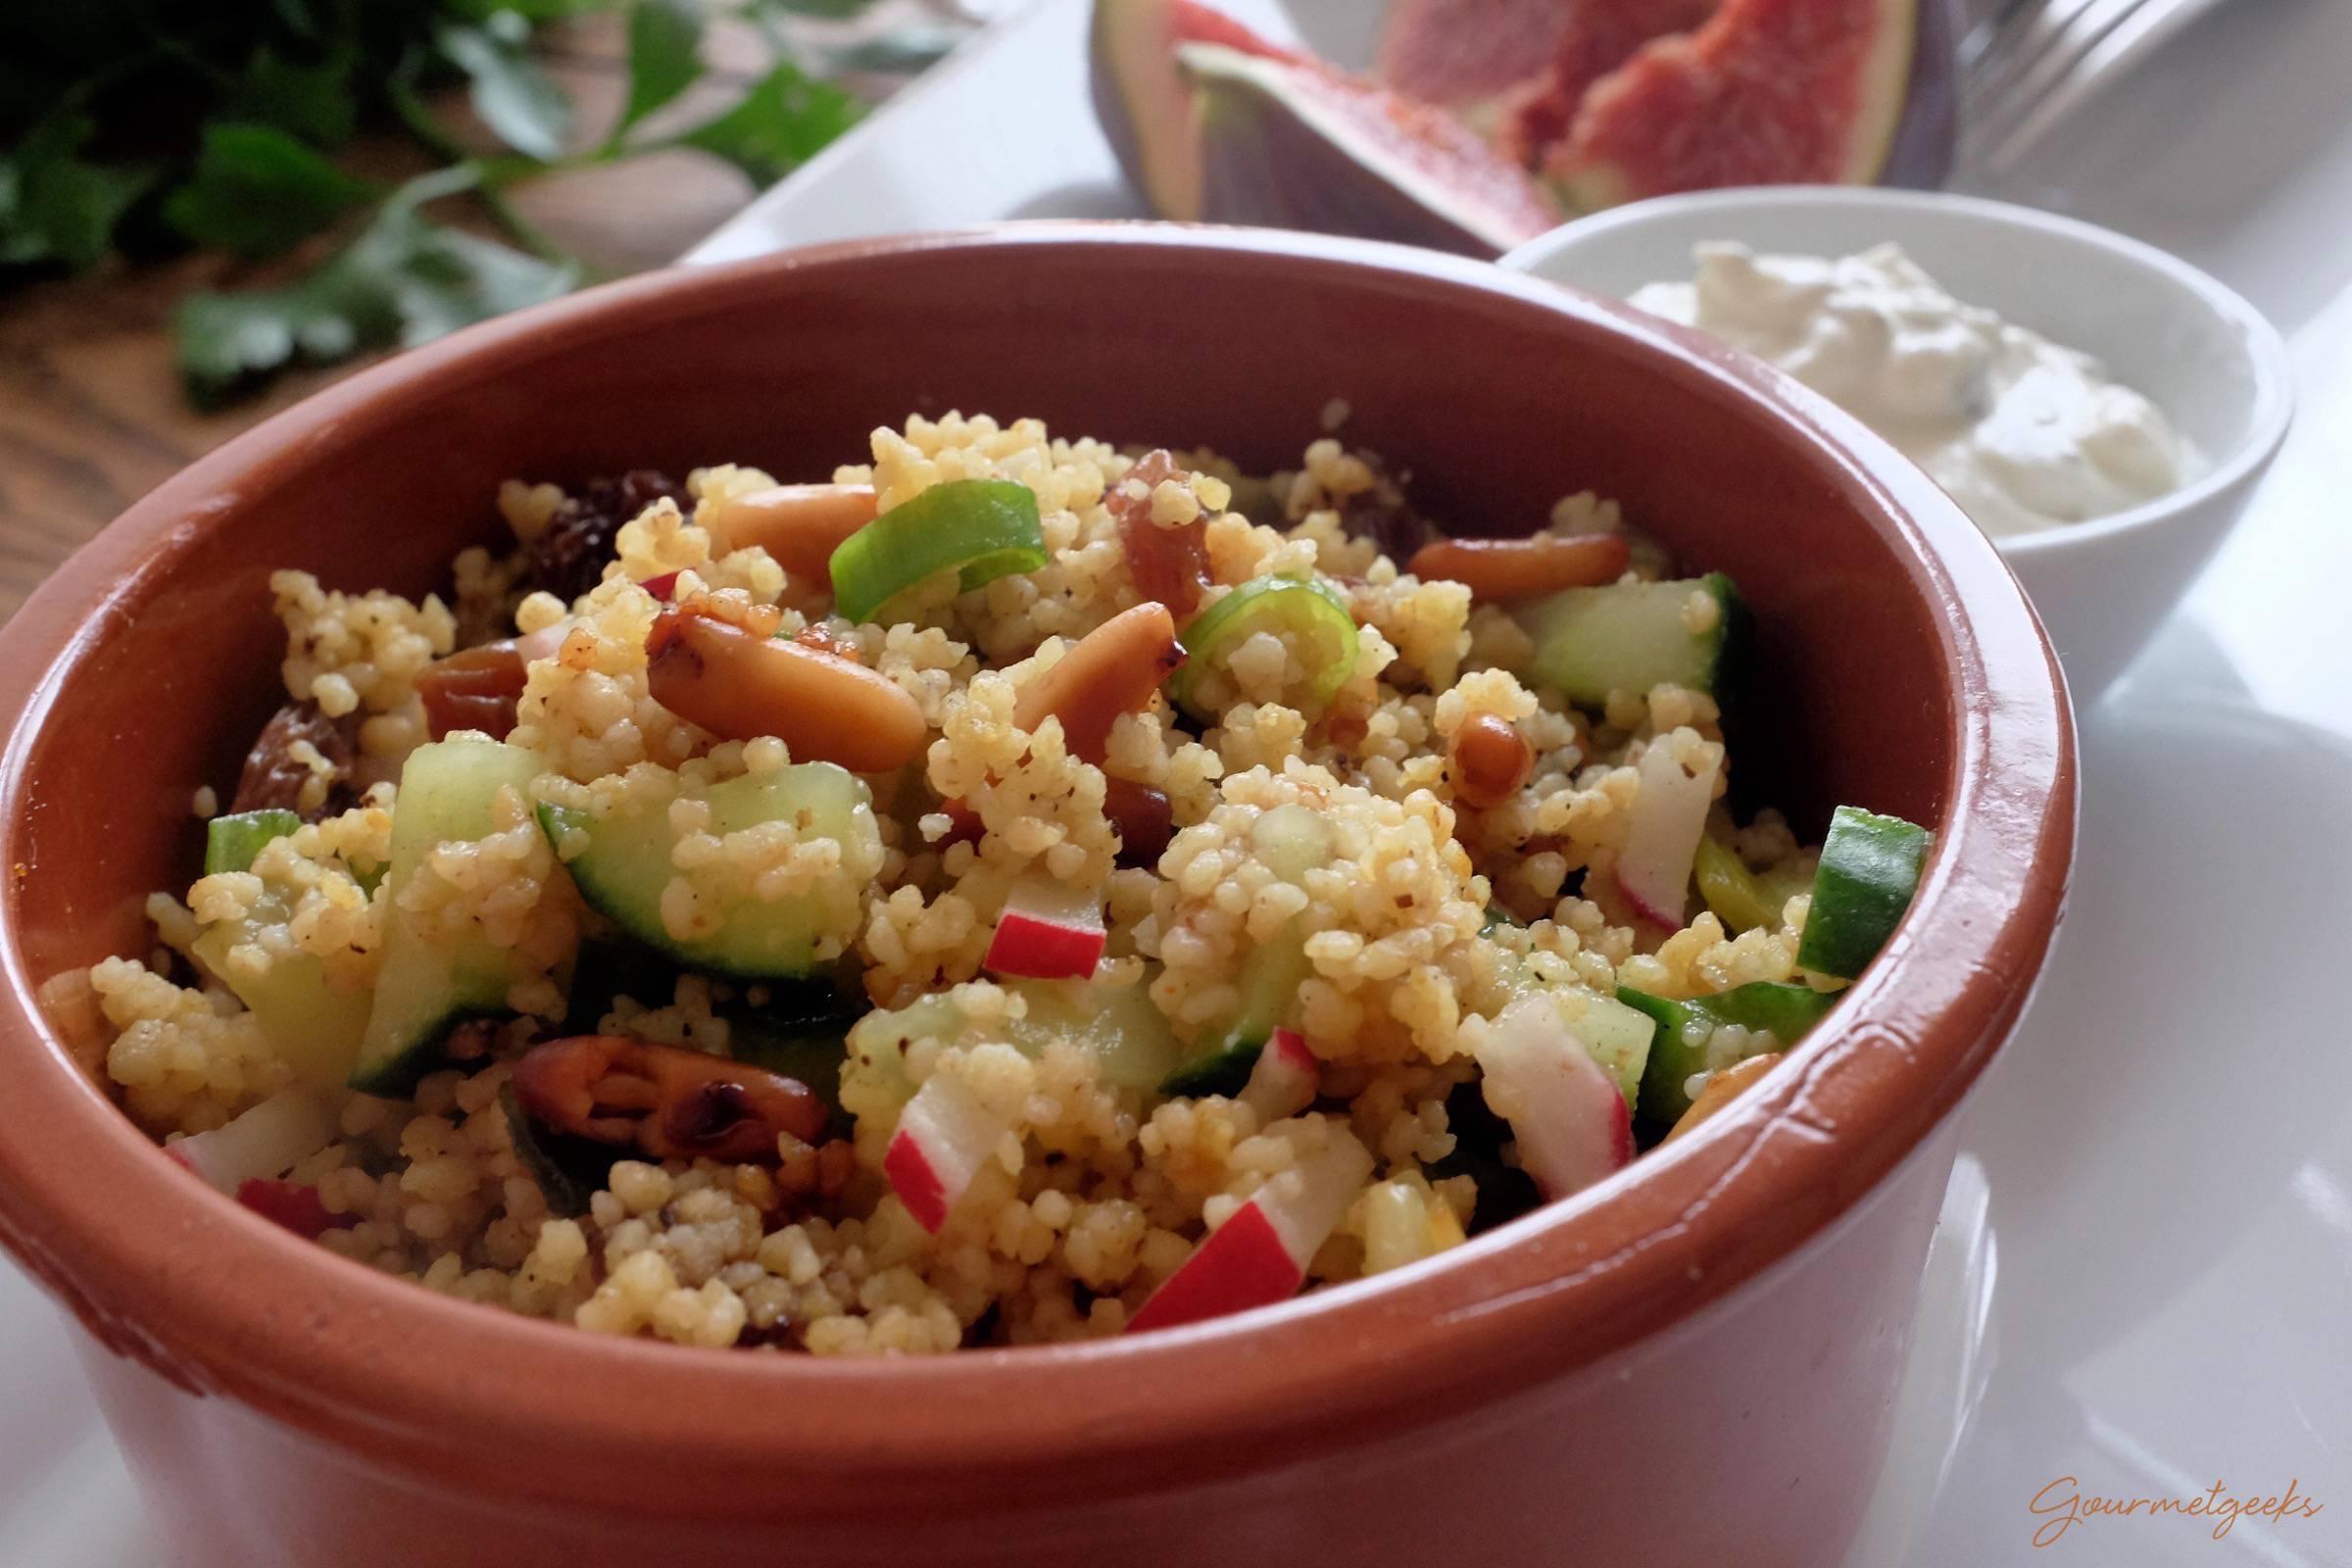 veganer couscous salat mit ras el hanout einfach schnell und lecker gourmetgeeks. Black Bedroom Furniture Sets. Home Design Ideas